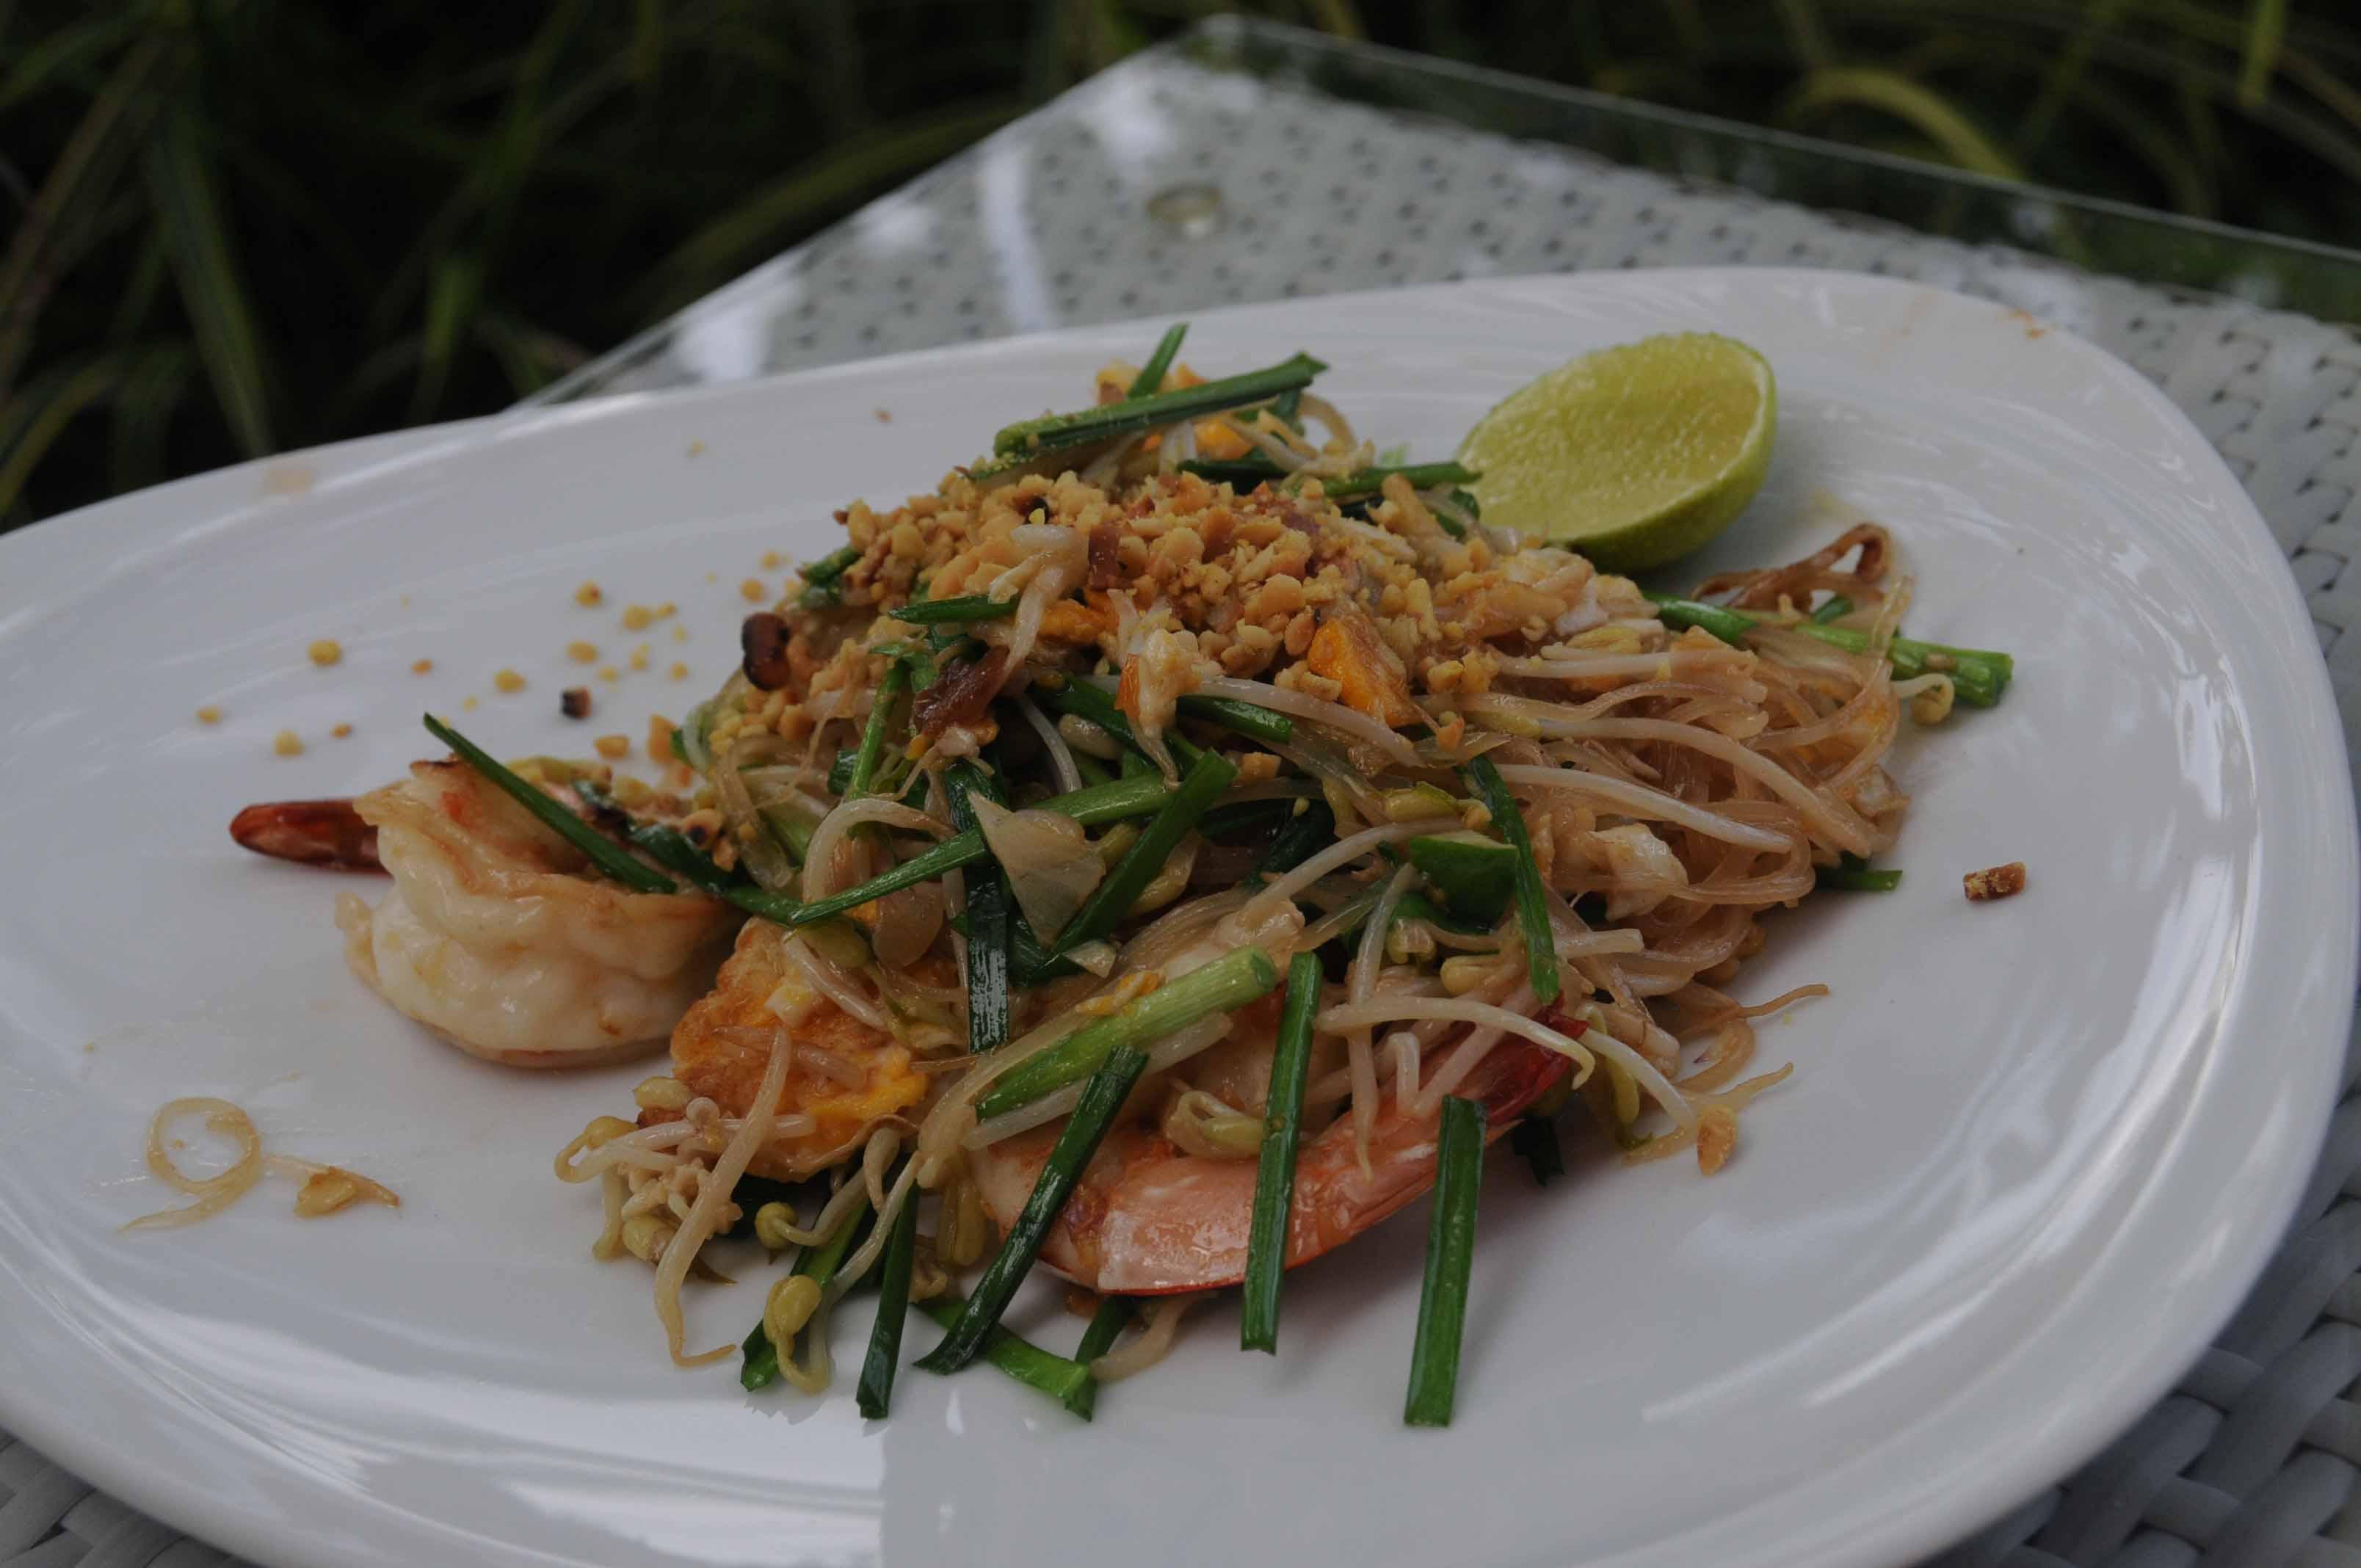 cuisine thaï - cuisine asiatique - cuisine thaïe - Cours De Cuisine Asiatique Paris